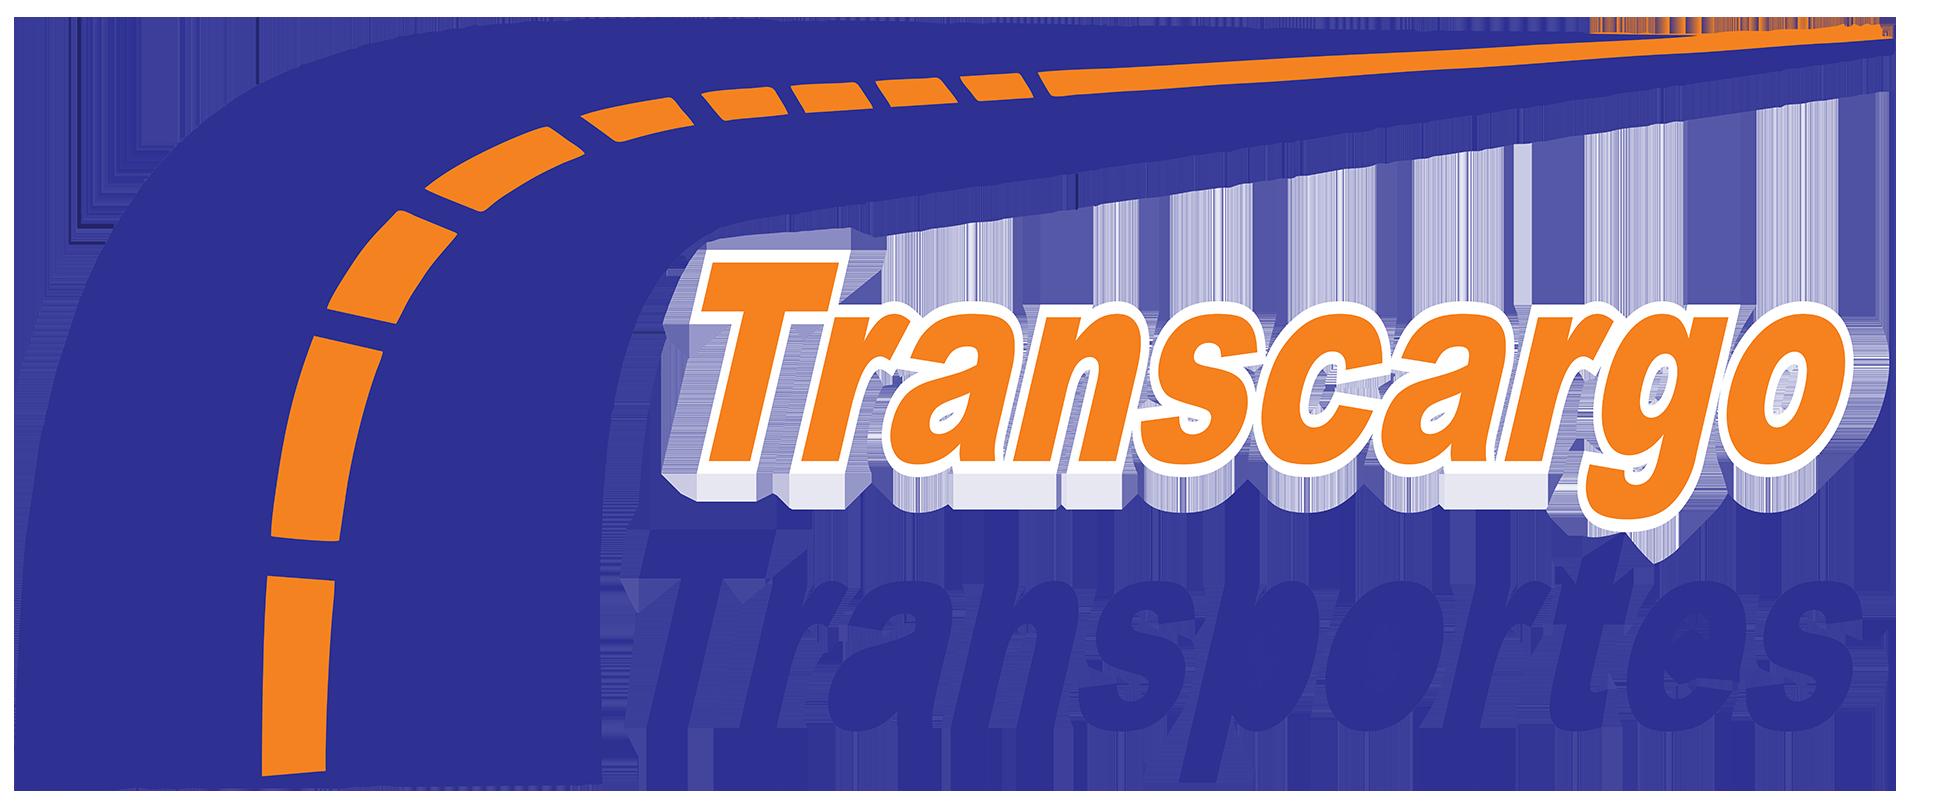 Transcargo Transporte Rodoviário